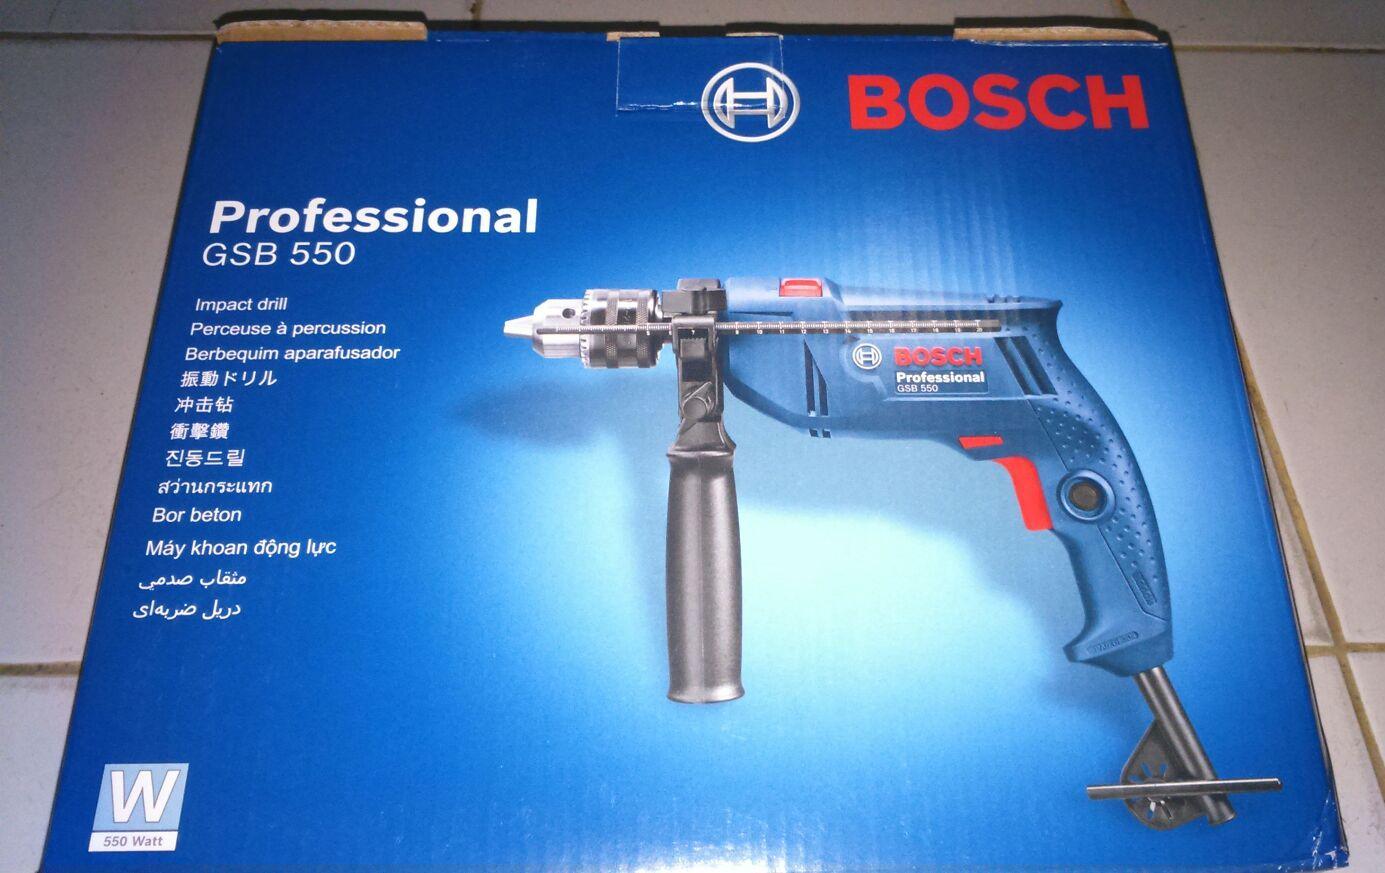 Harga Jual Mesin Bor Tembok Bosch Gsb 550 Beton 16 Re Professional